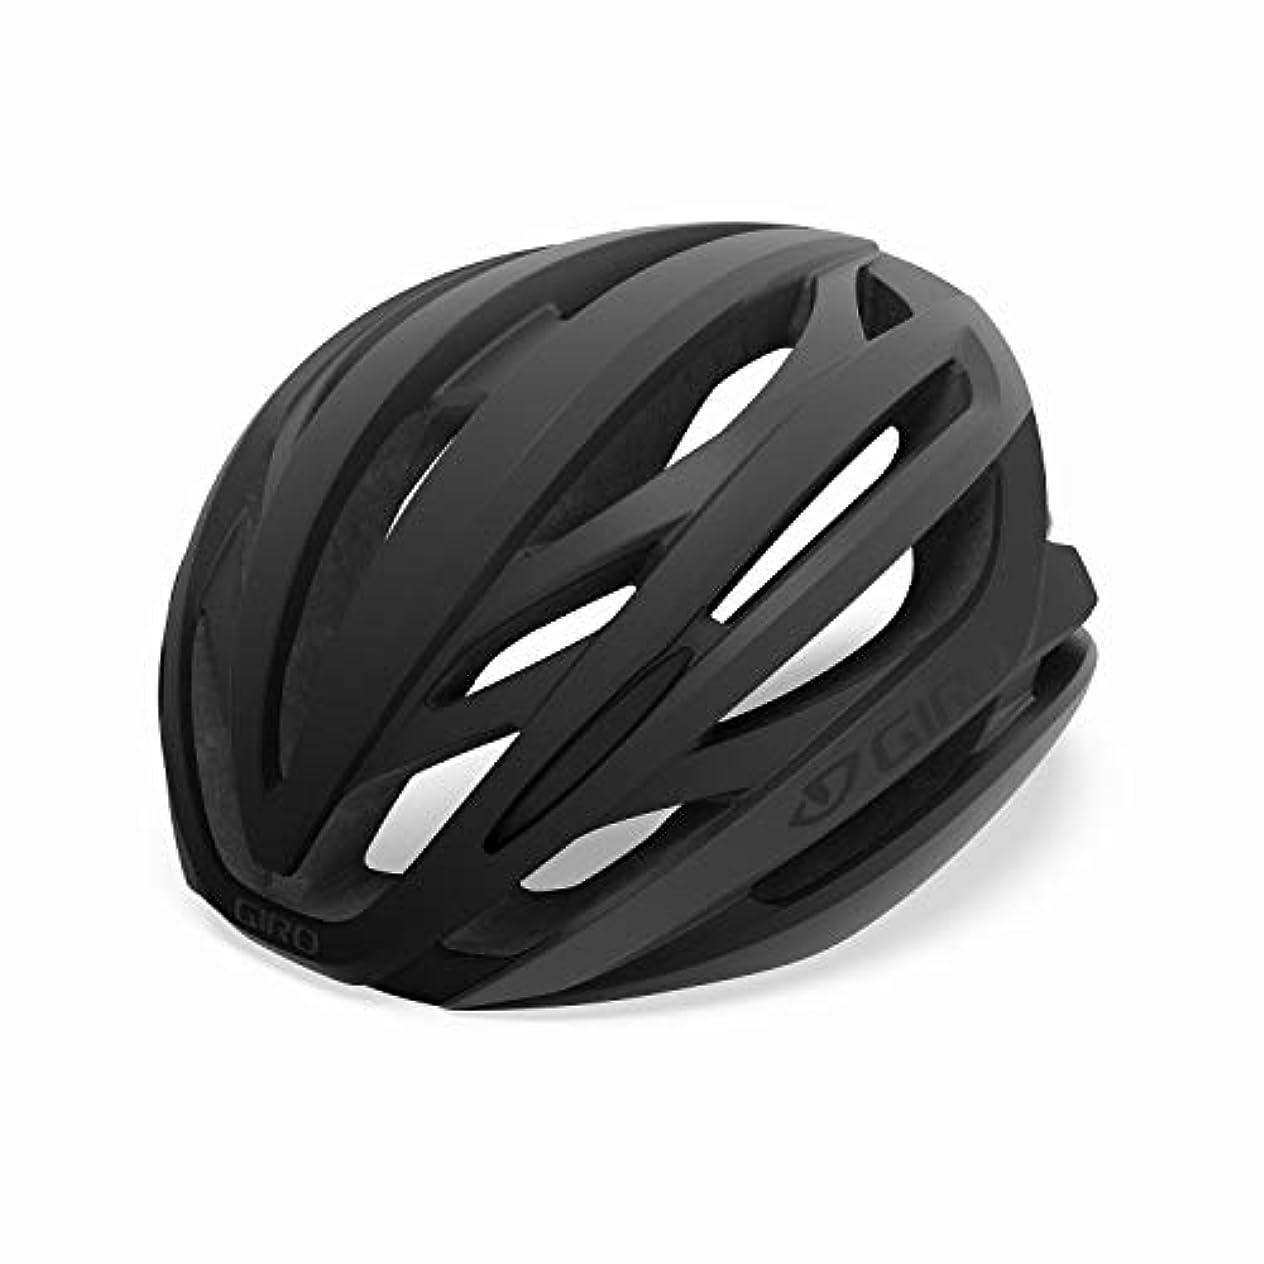 シャイニング悪因子エアコンGIRO(ジロ) ヘルメット シンタックス ミップス アジアンフィット SYNTAX MIPS AF 2019ロード用スタンダードモデル 【日本正規品/2年間保証】